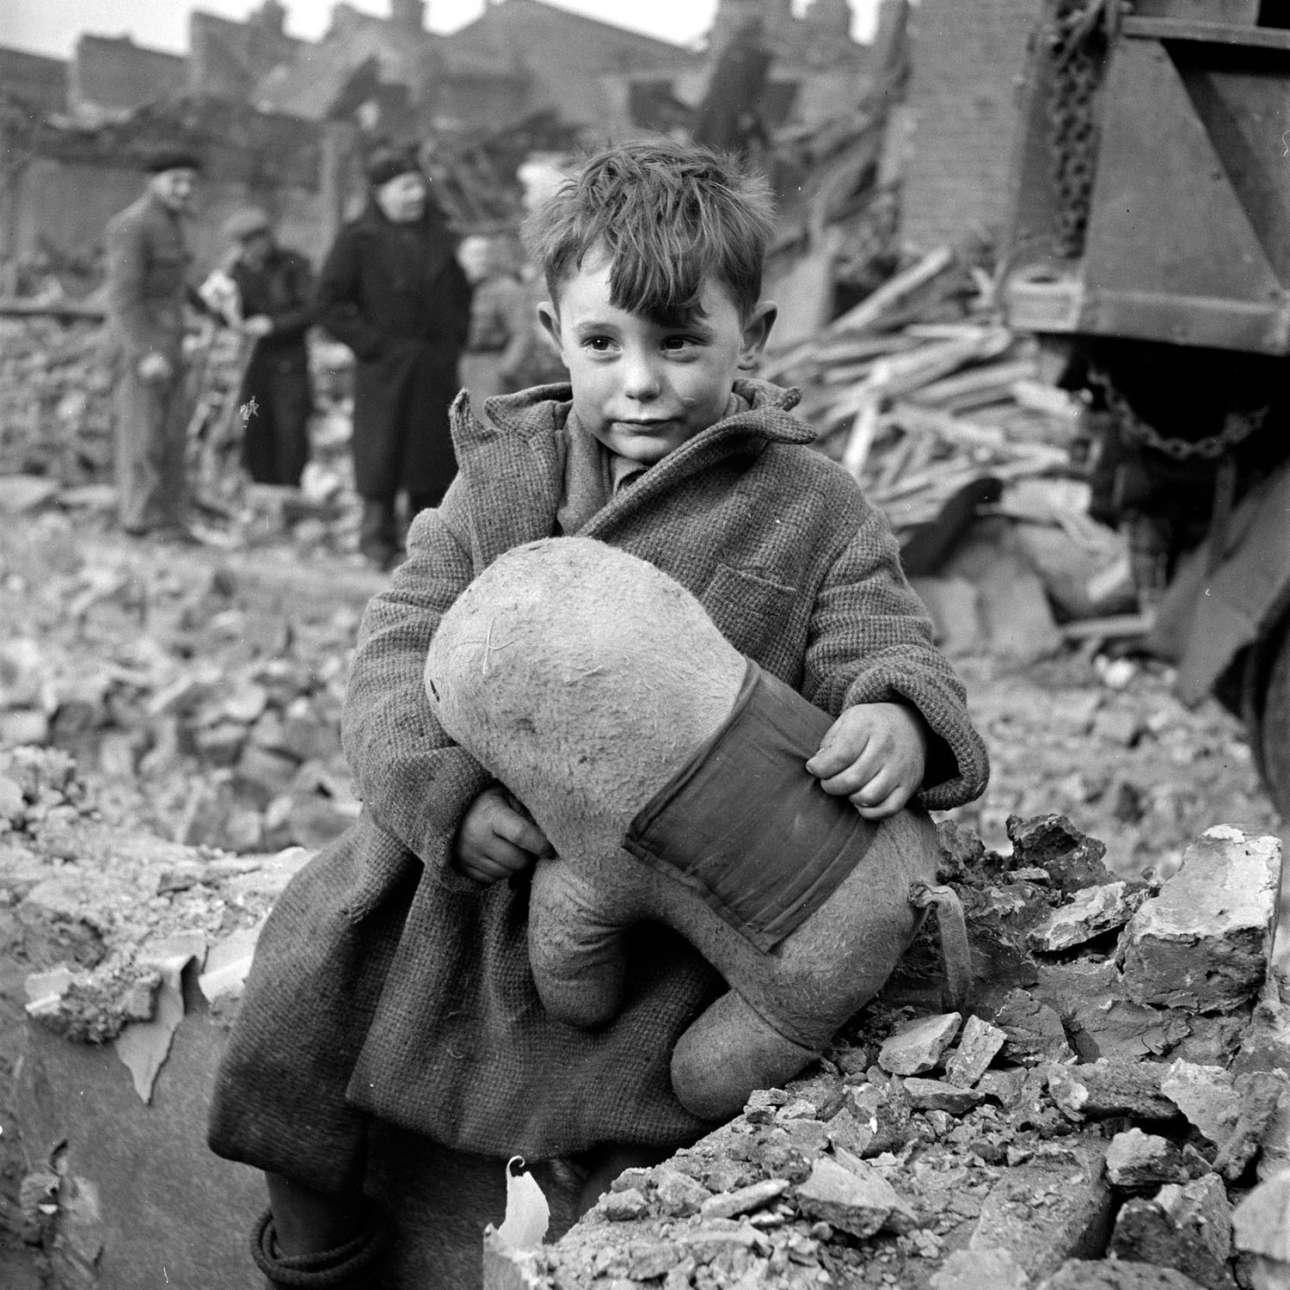 Εγκαταλειμμένο αγοράκι με ένα λούτρινο παιχνίδι αγκαλιά, ανάμεσα σε ερείπια, μετά από βομβαρδισμό του Λονδίνου από τους Ναζί, στον Β' Παγκόσμιο Πόλεμο